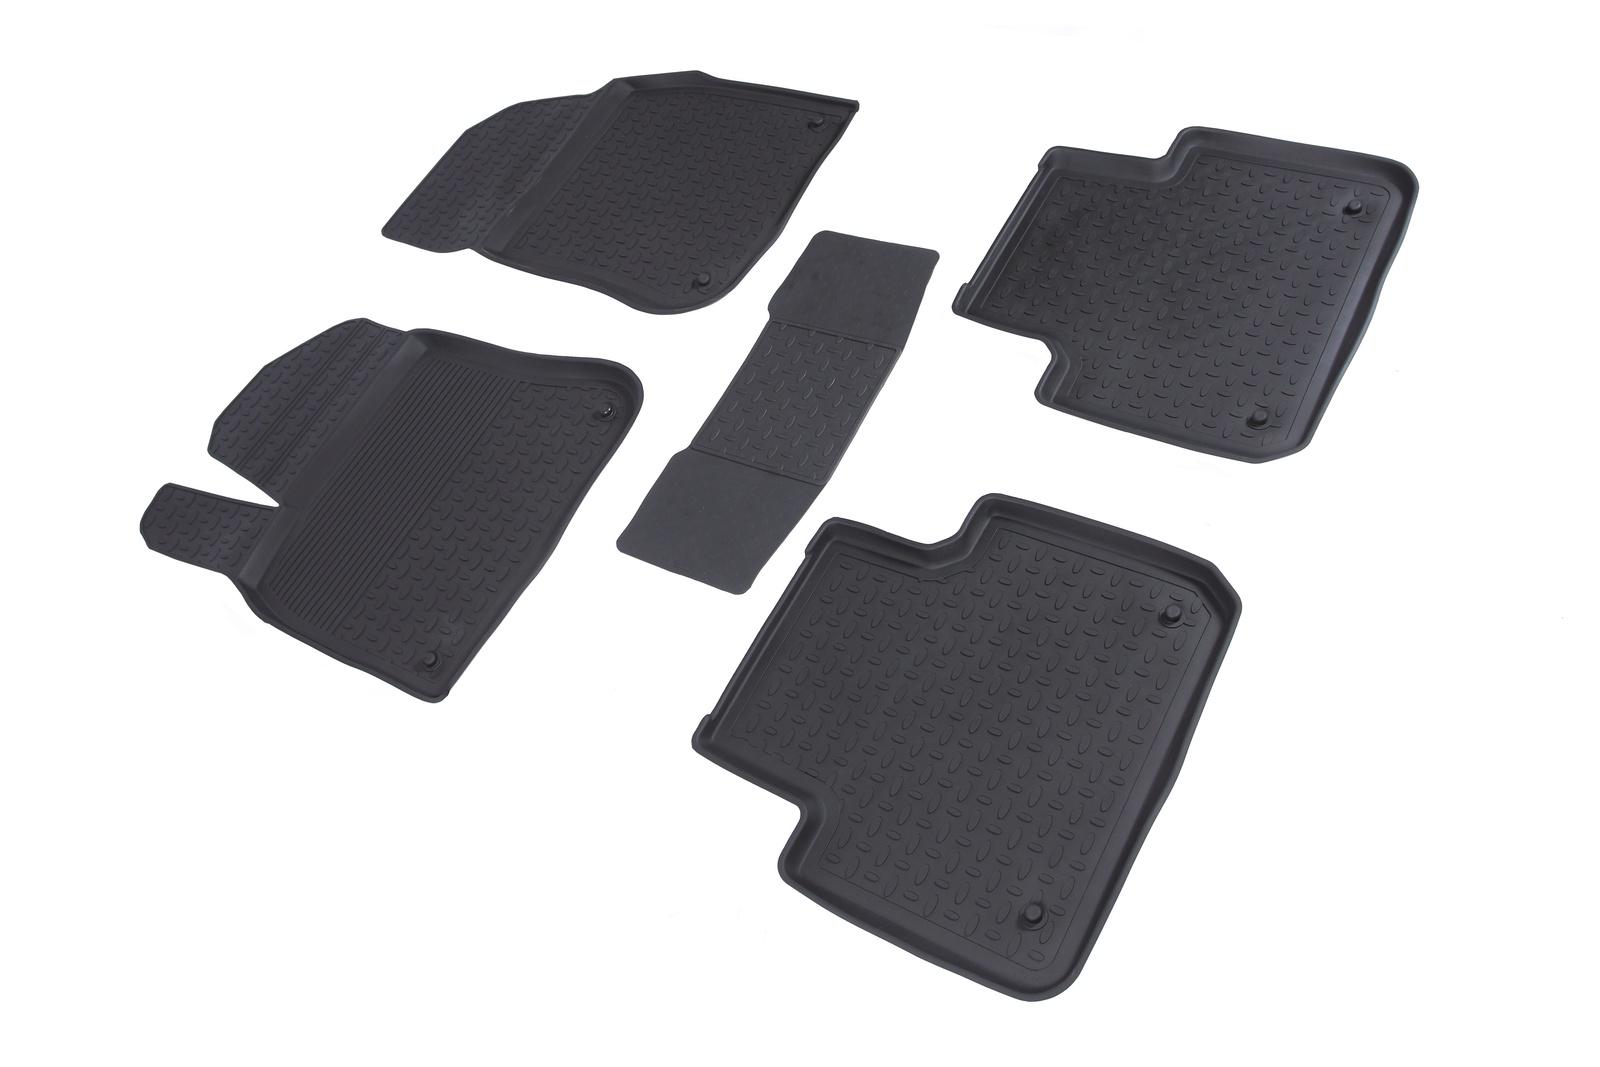 Коврики в салон автомобиля Seintex Резиновые коврики с высоким бортом для Nissan Teana II 2008-2014